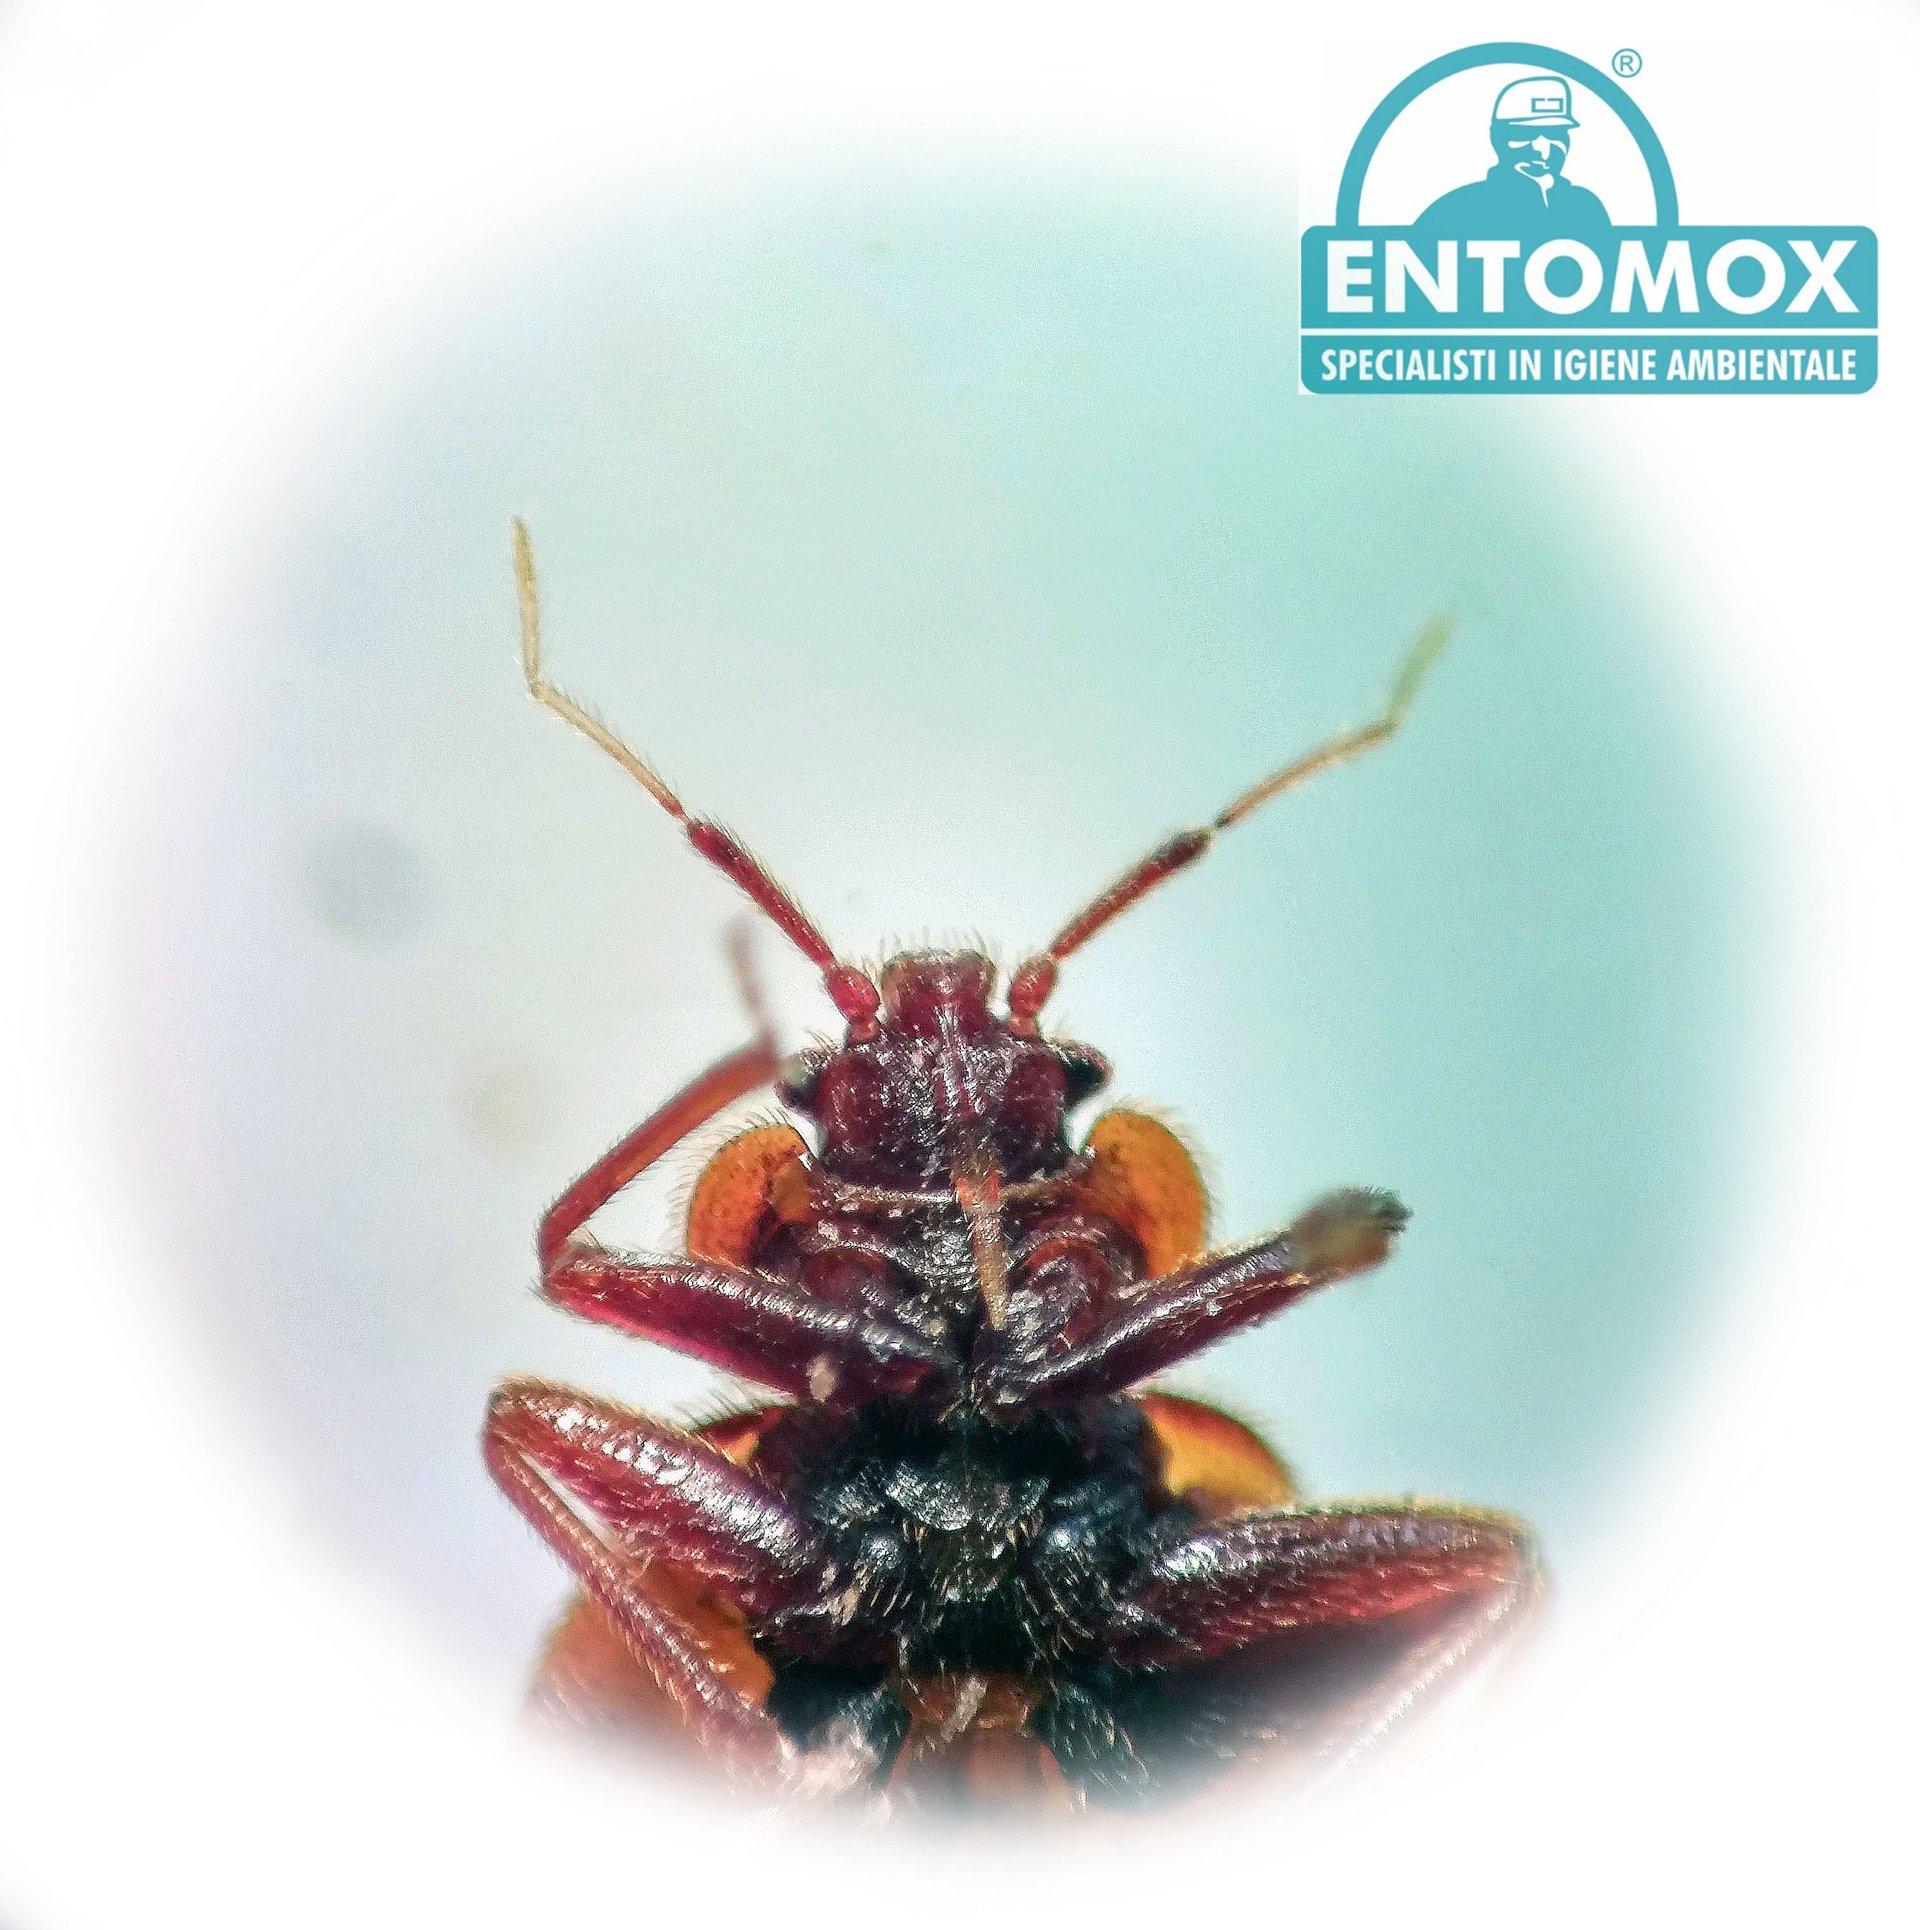 Infestazione da cimici dei letti pisa entomox for Cimici rosse